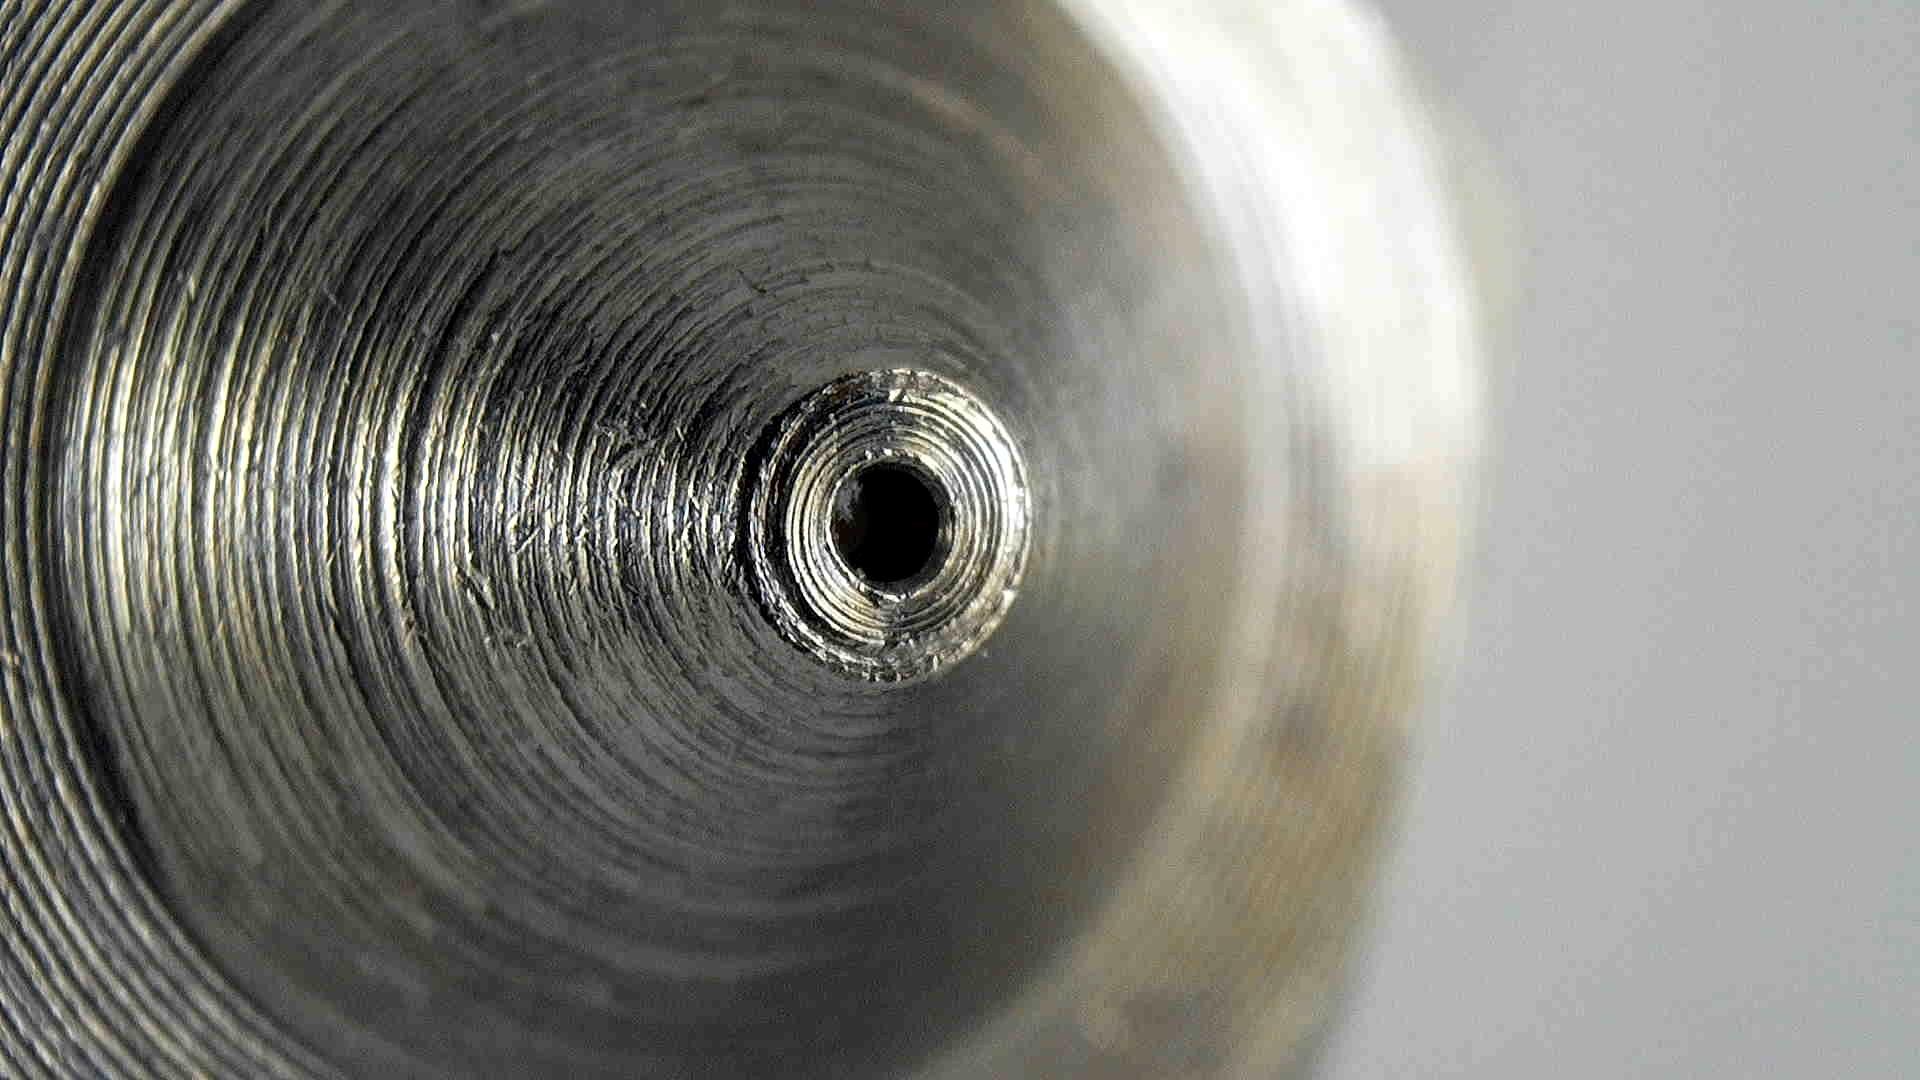 Generic-Cheap-V6-Stainless-Steel-Nozzle-2-3D Printer Nozzle Comparison